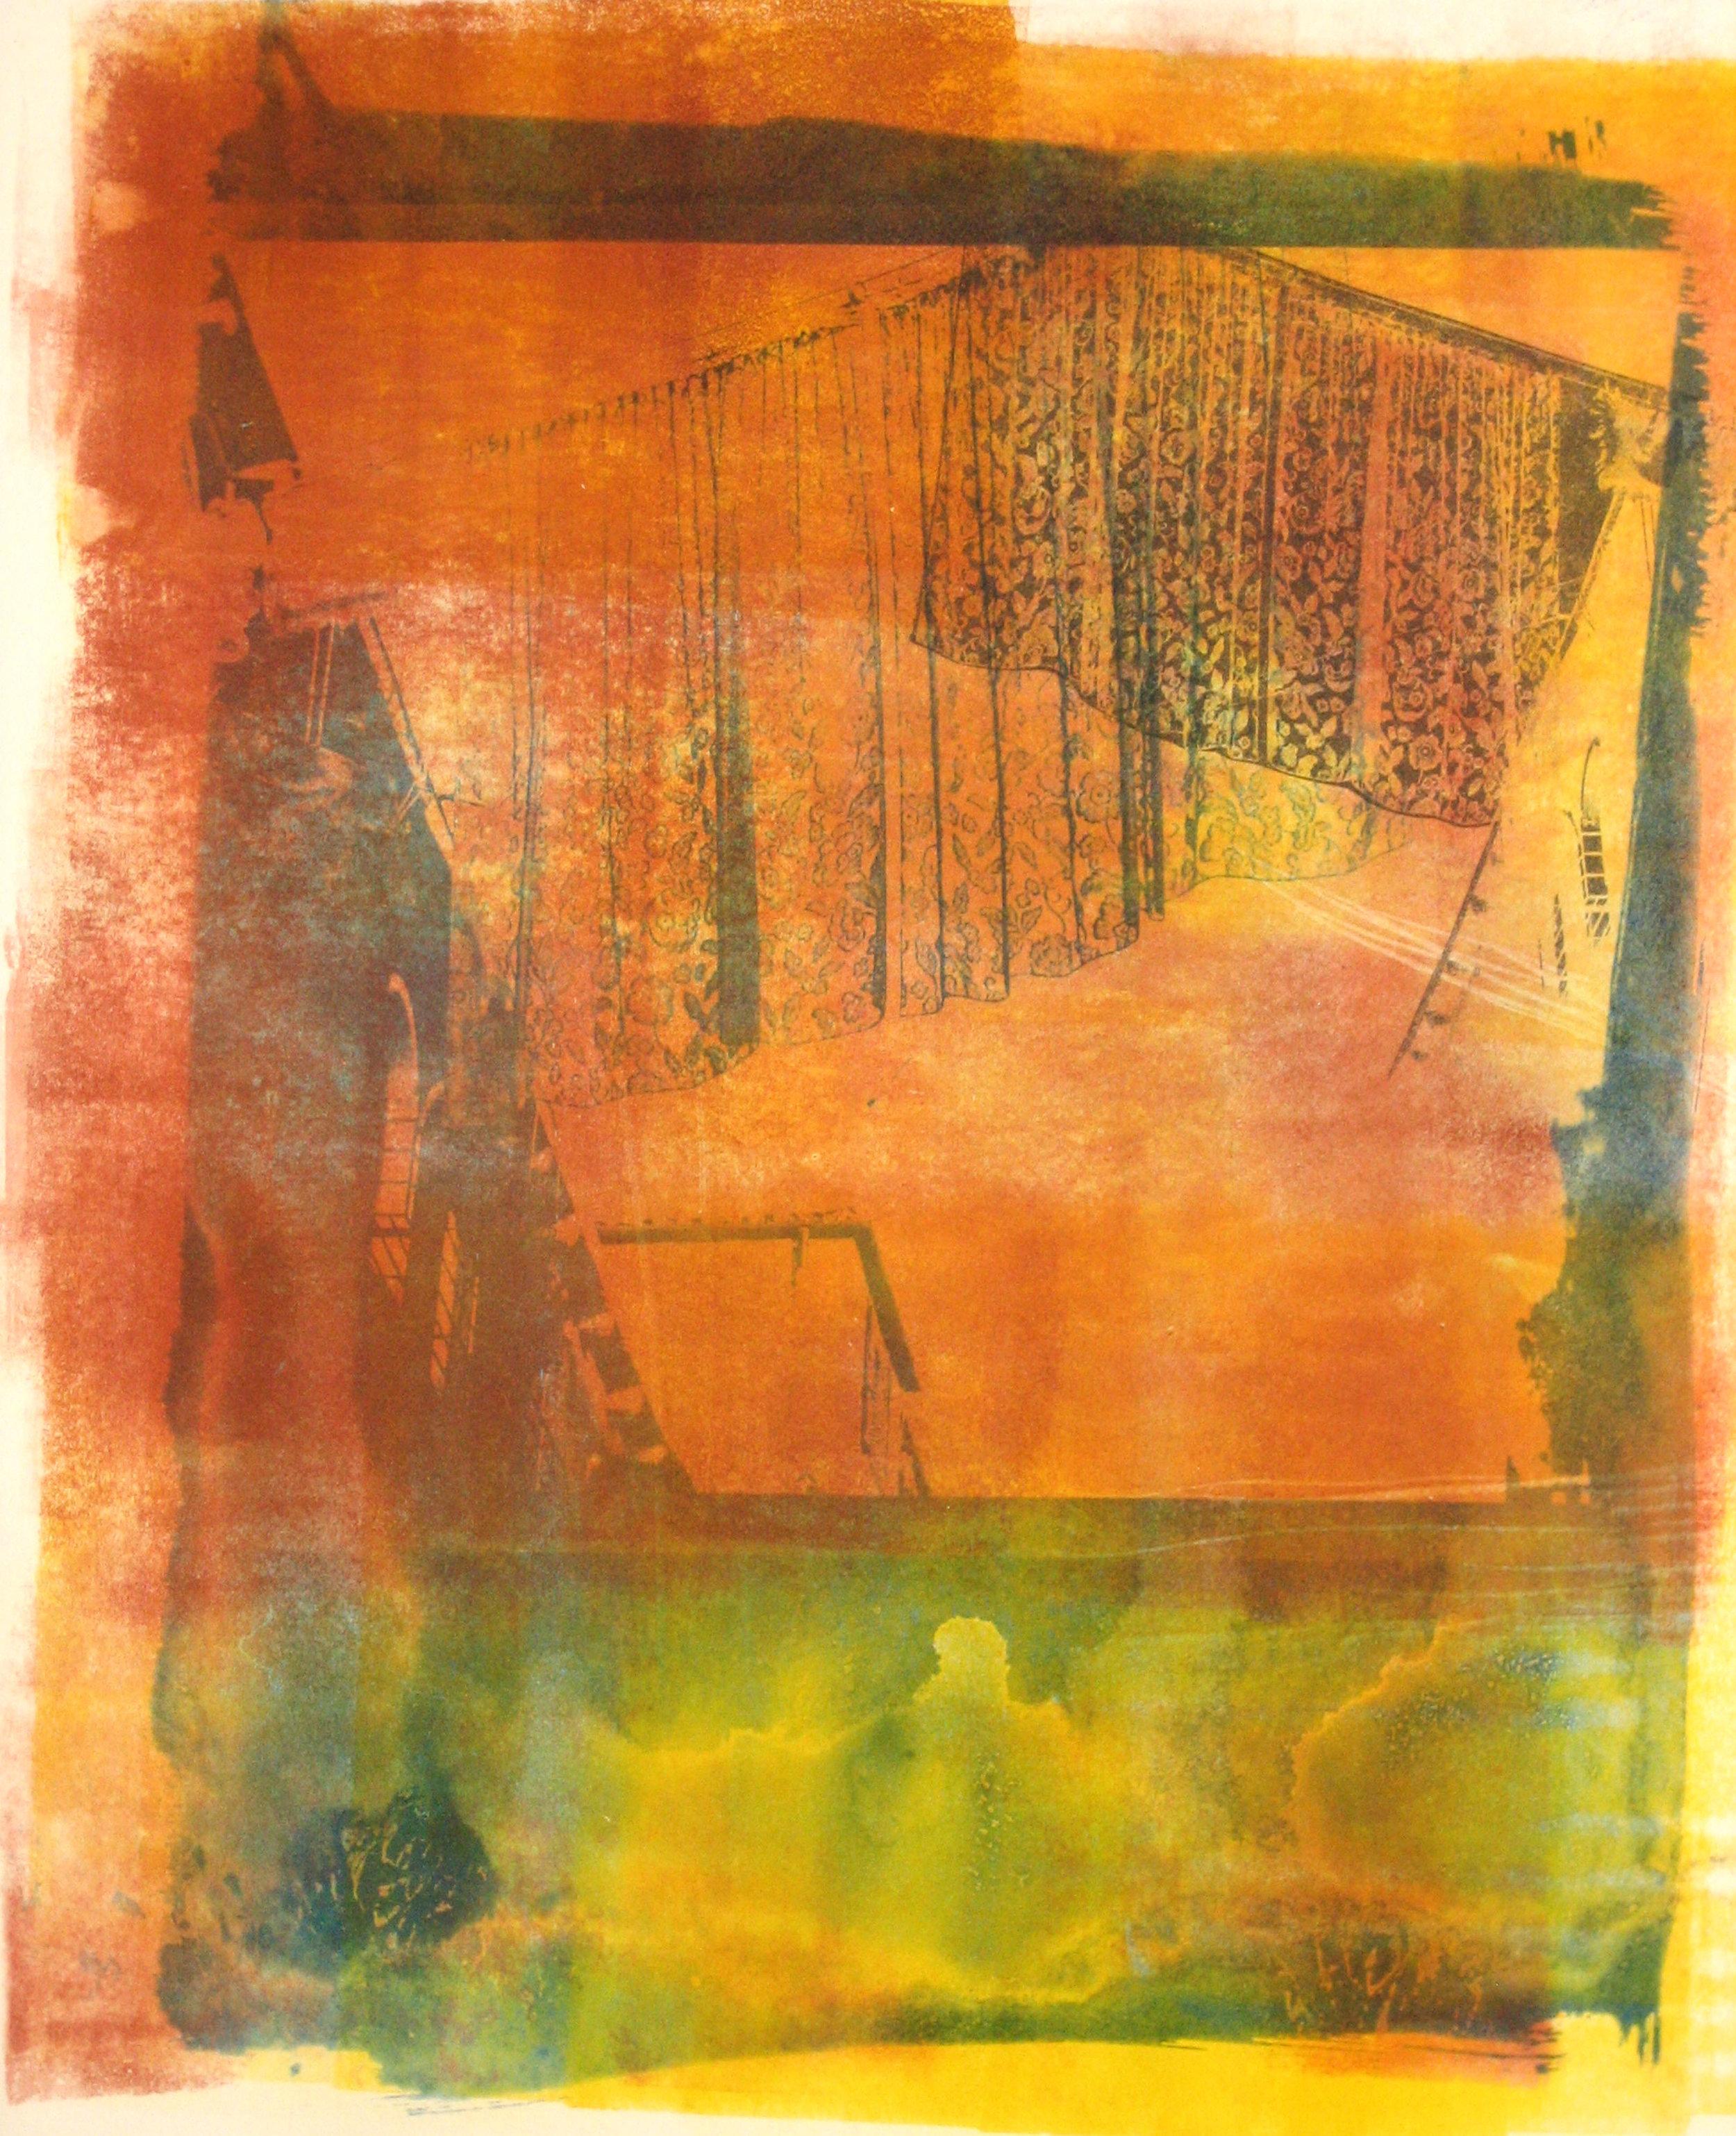 lace sheet , 2008, cyanotype/xerox transfer, 12.5 x 15 inches